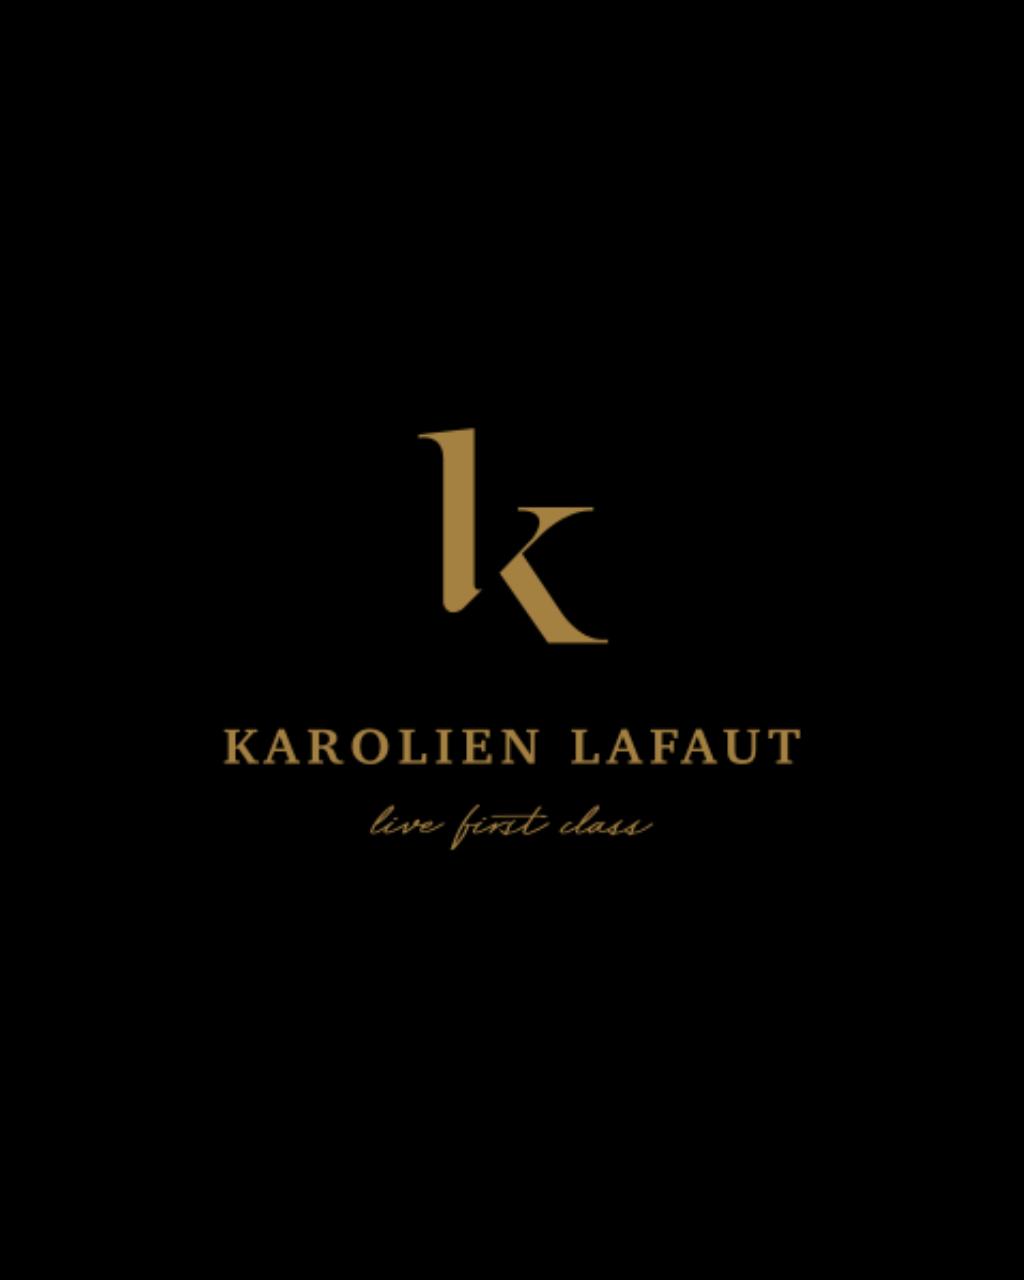 Een project van Karolien Lafaut